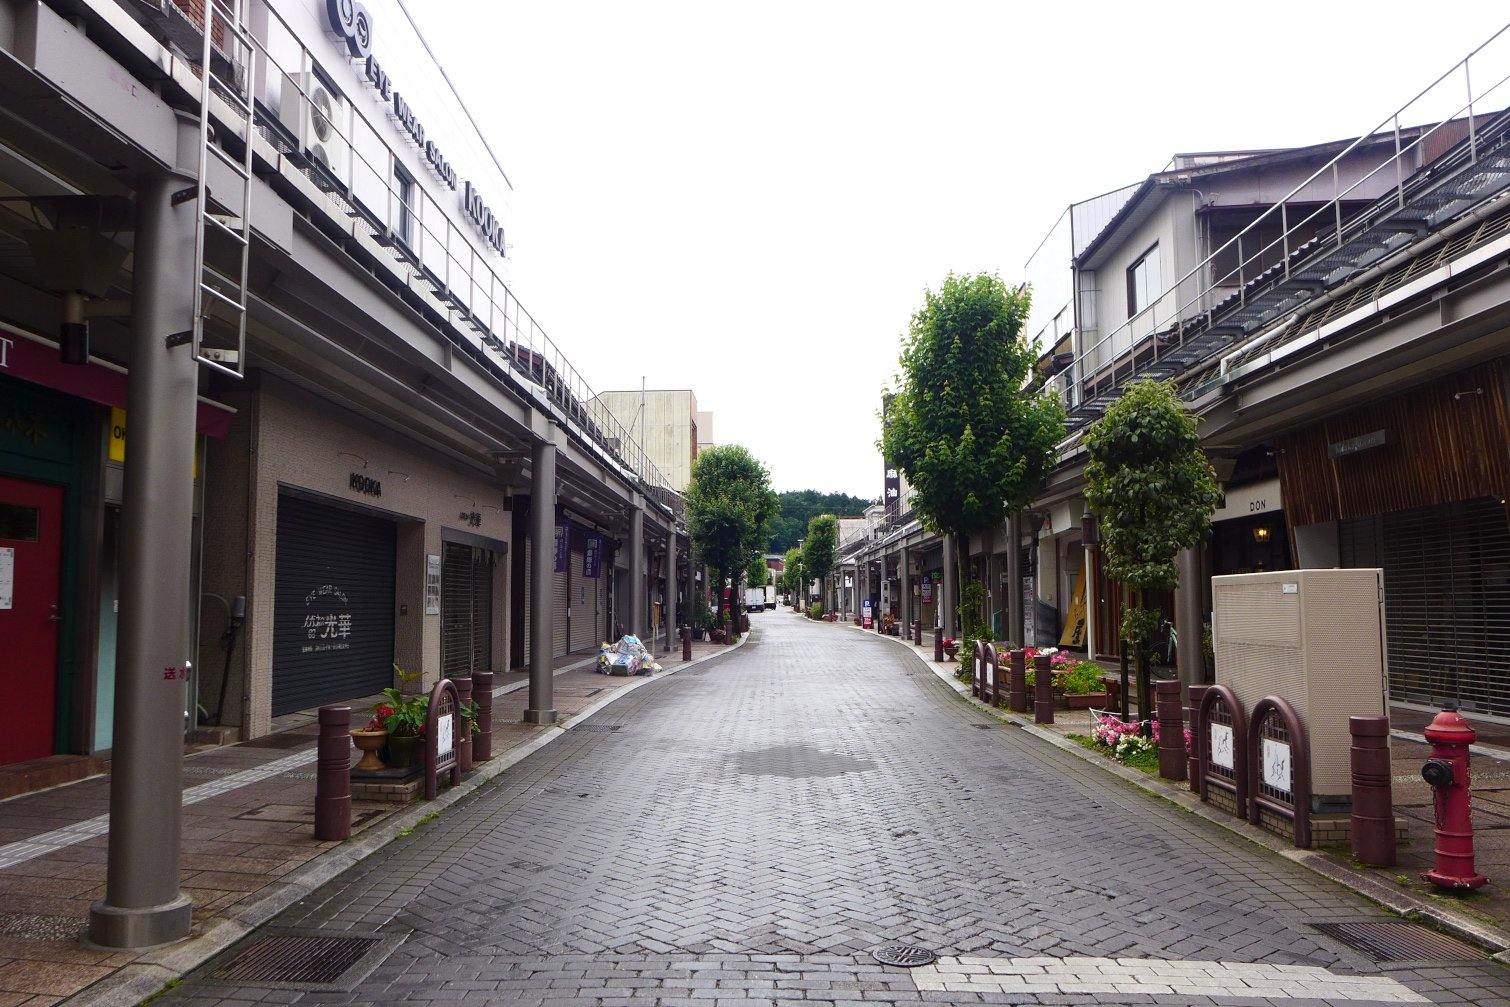 Miyagawa Morning Market; Takayama Japan travel; What to do in Takayama Japan; What to see in Takayama Japan; D.I.Y. Japan itinerary